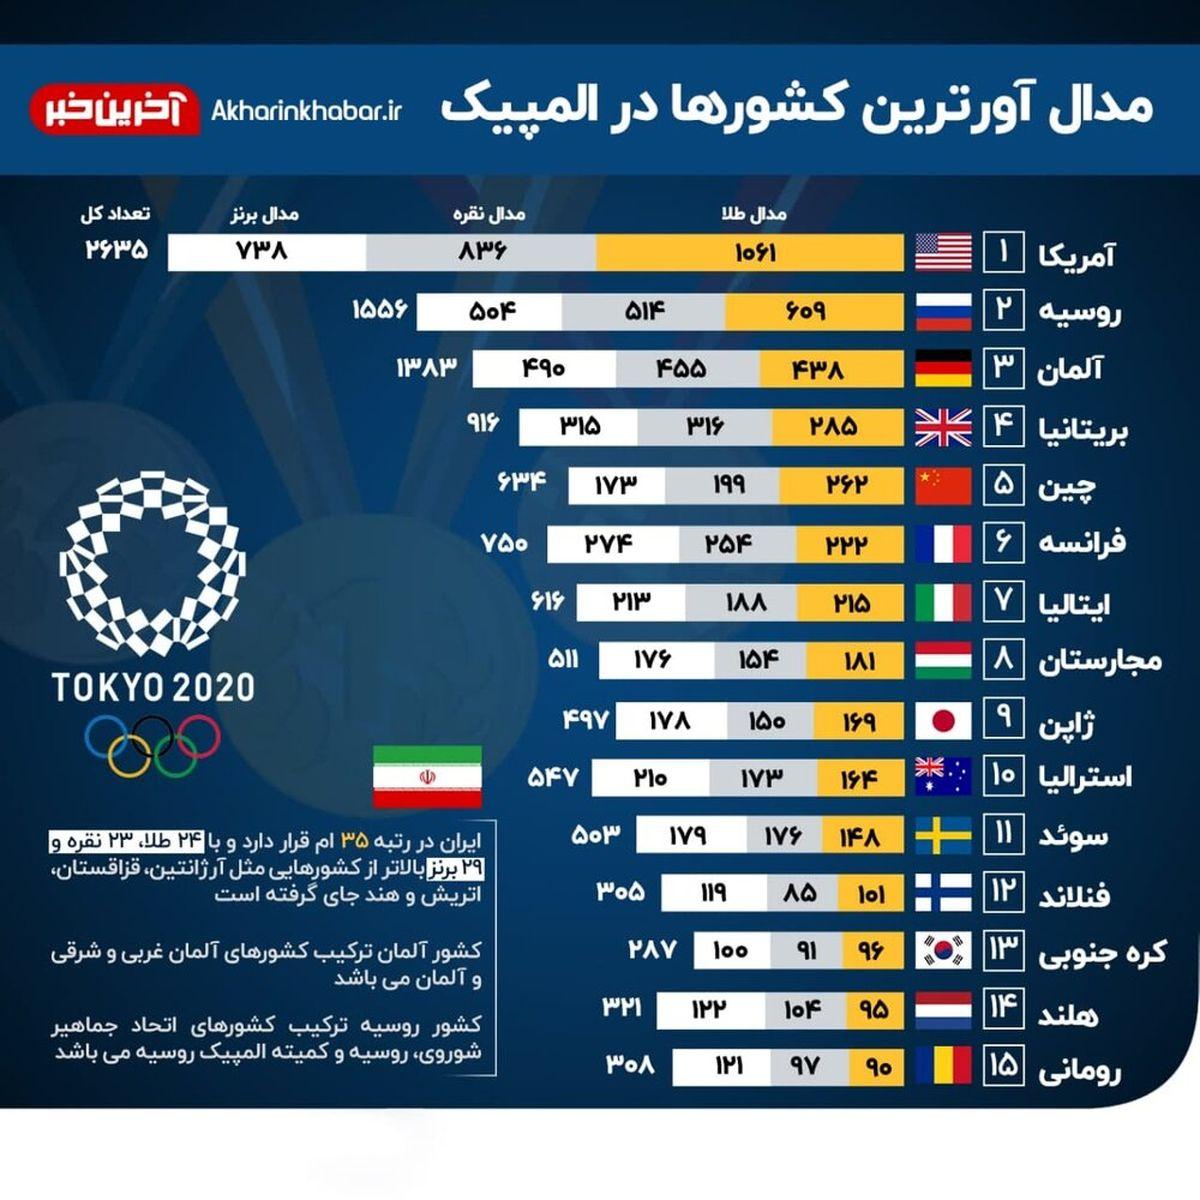 تعداد مدال ها ی کشورهای جهان در تاریخ المپیک